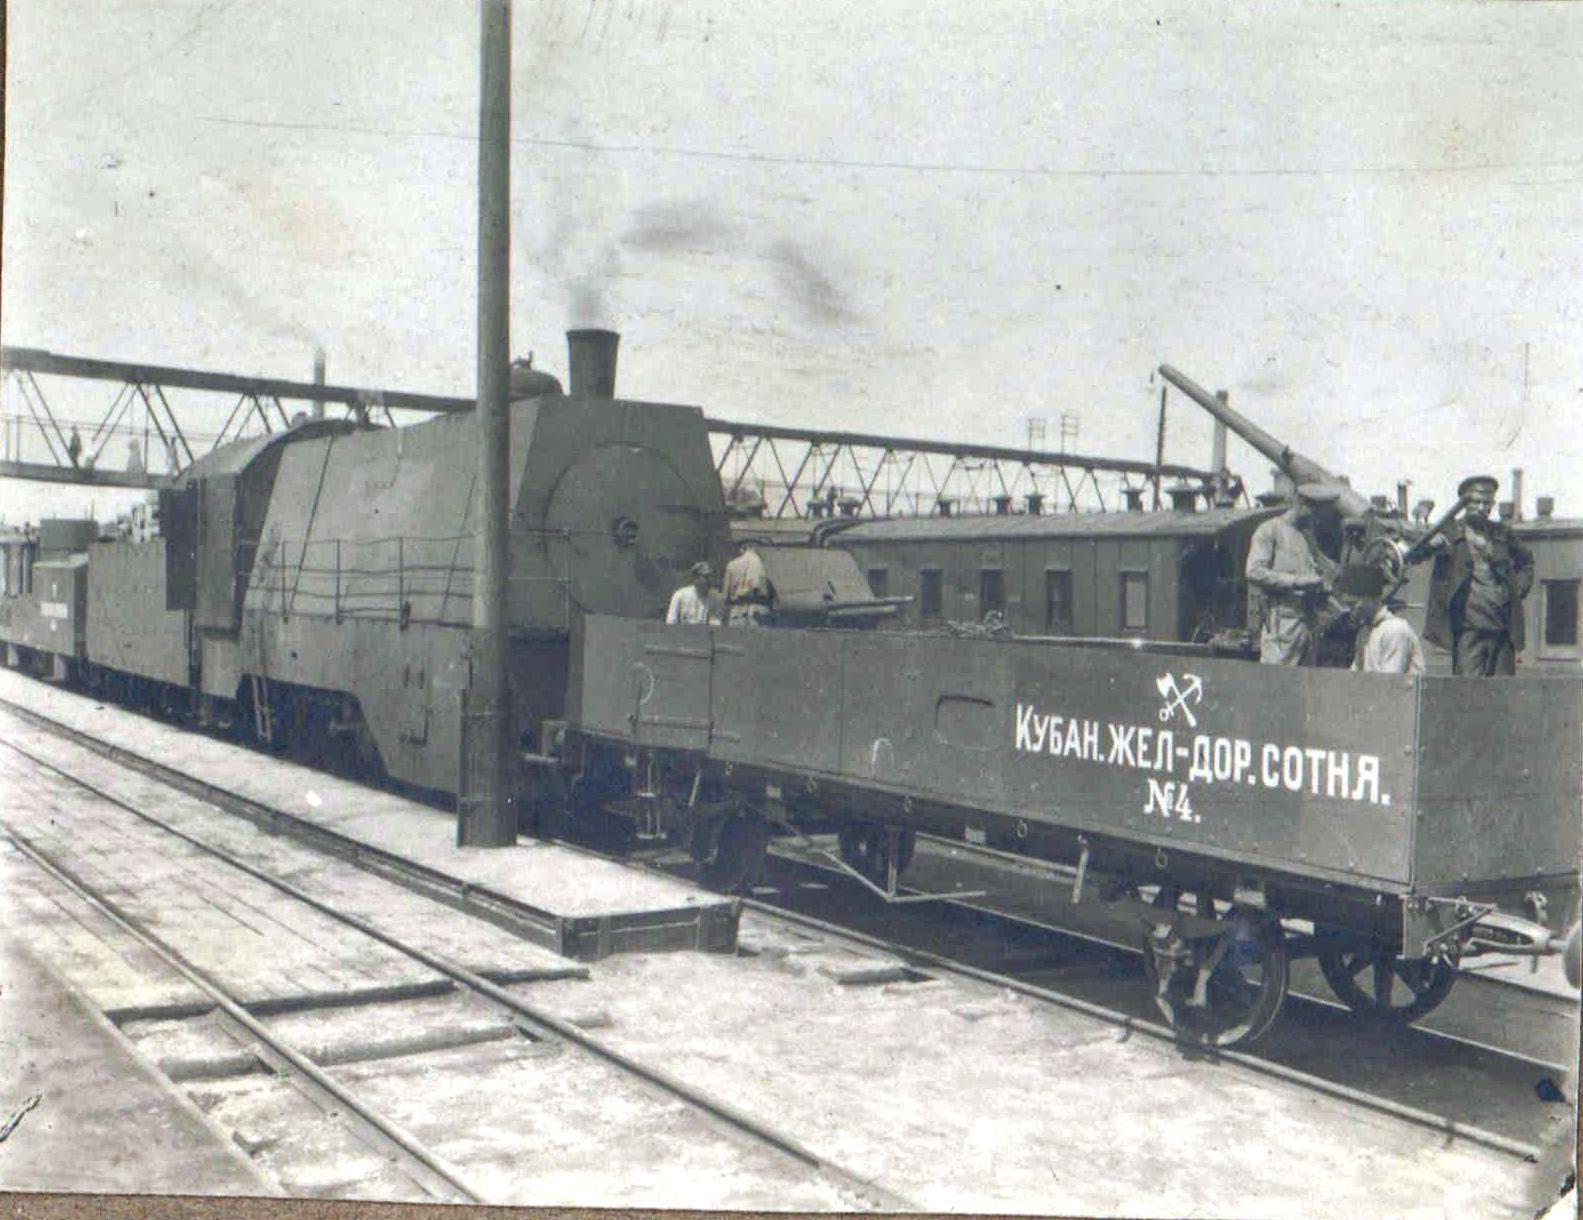 376. 1919. Бронепоезд № 4 Кубанской железнодорожной сотни